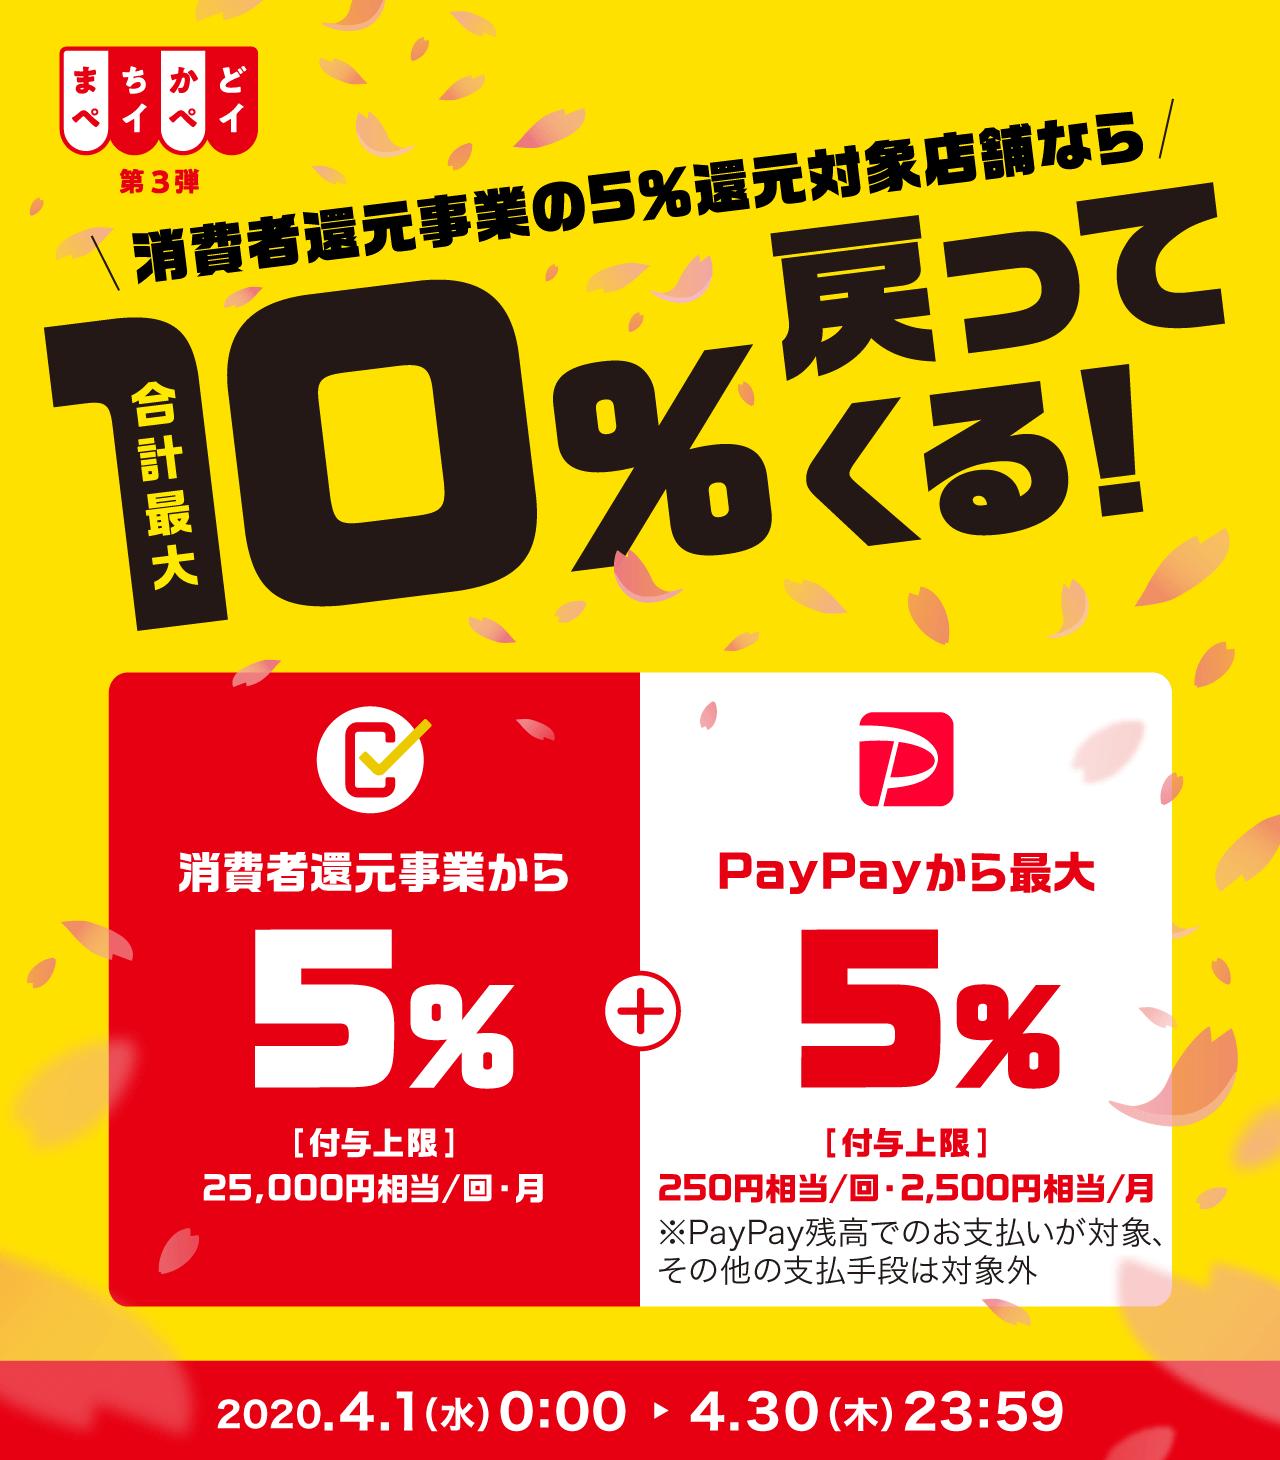 PayPayがシェアNo1を取り、早速還元率を爆下げで0.5%へ。ソフトバンクお得意の焼き畑商法を実践中。4/1~。